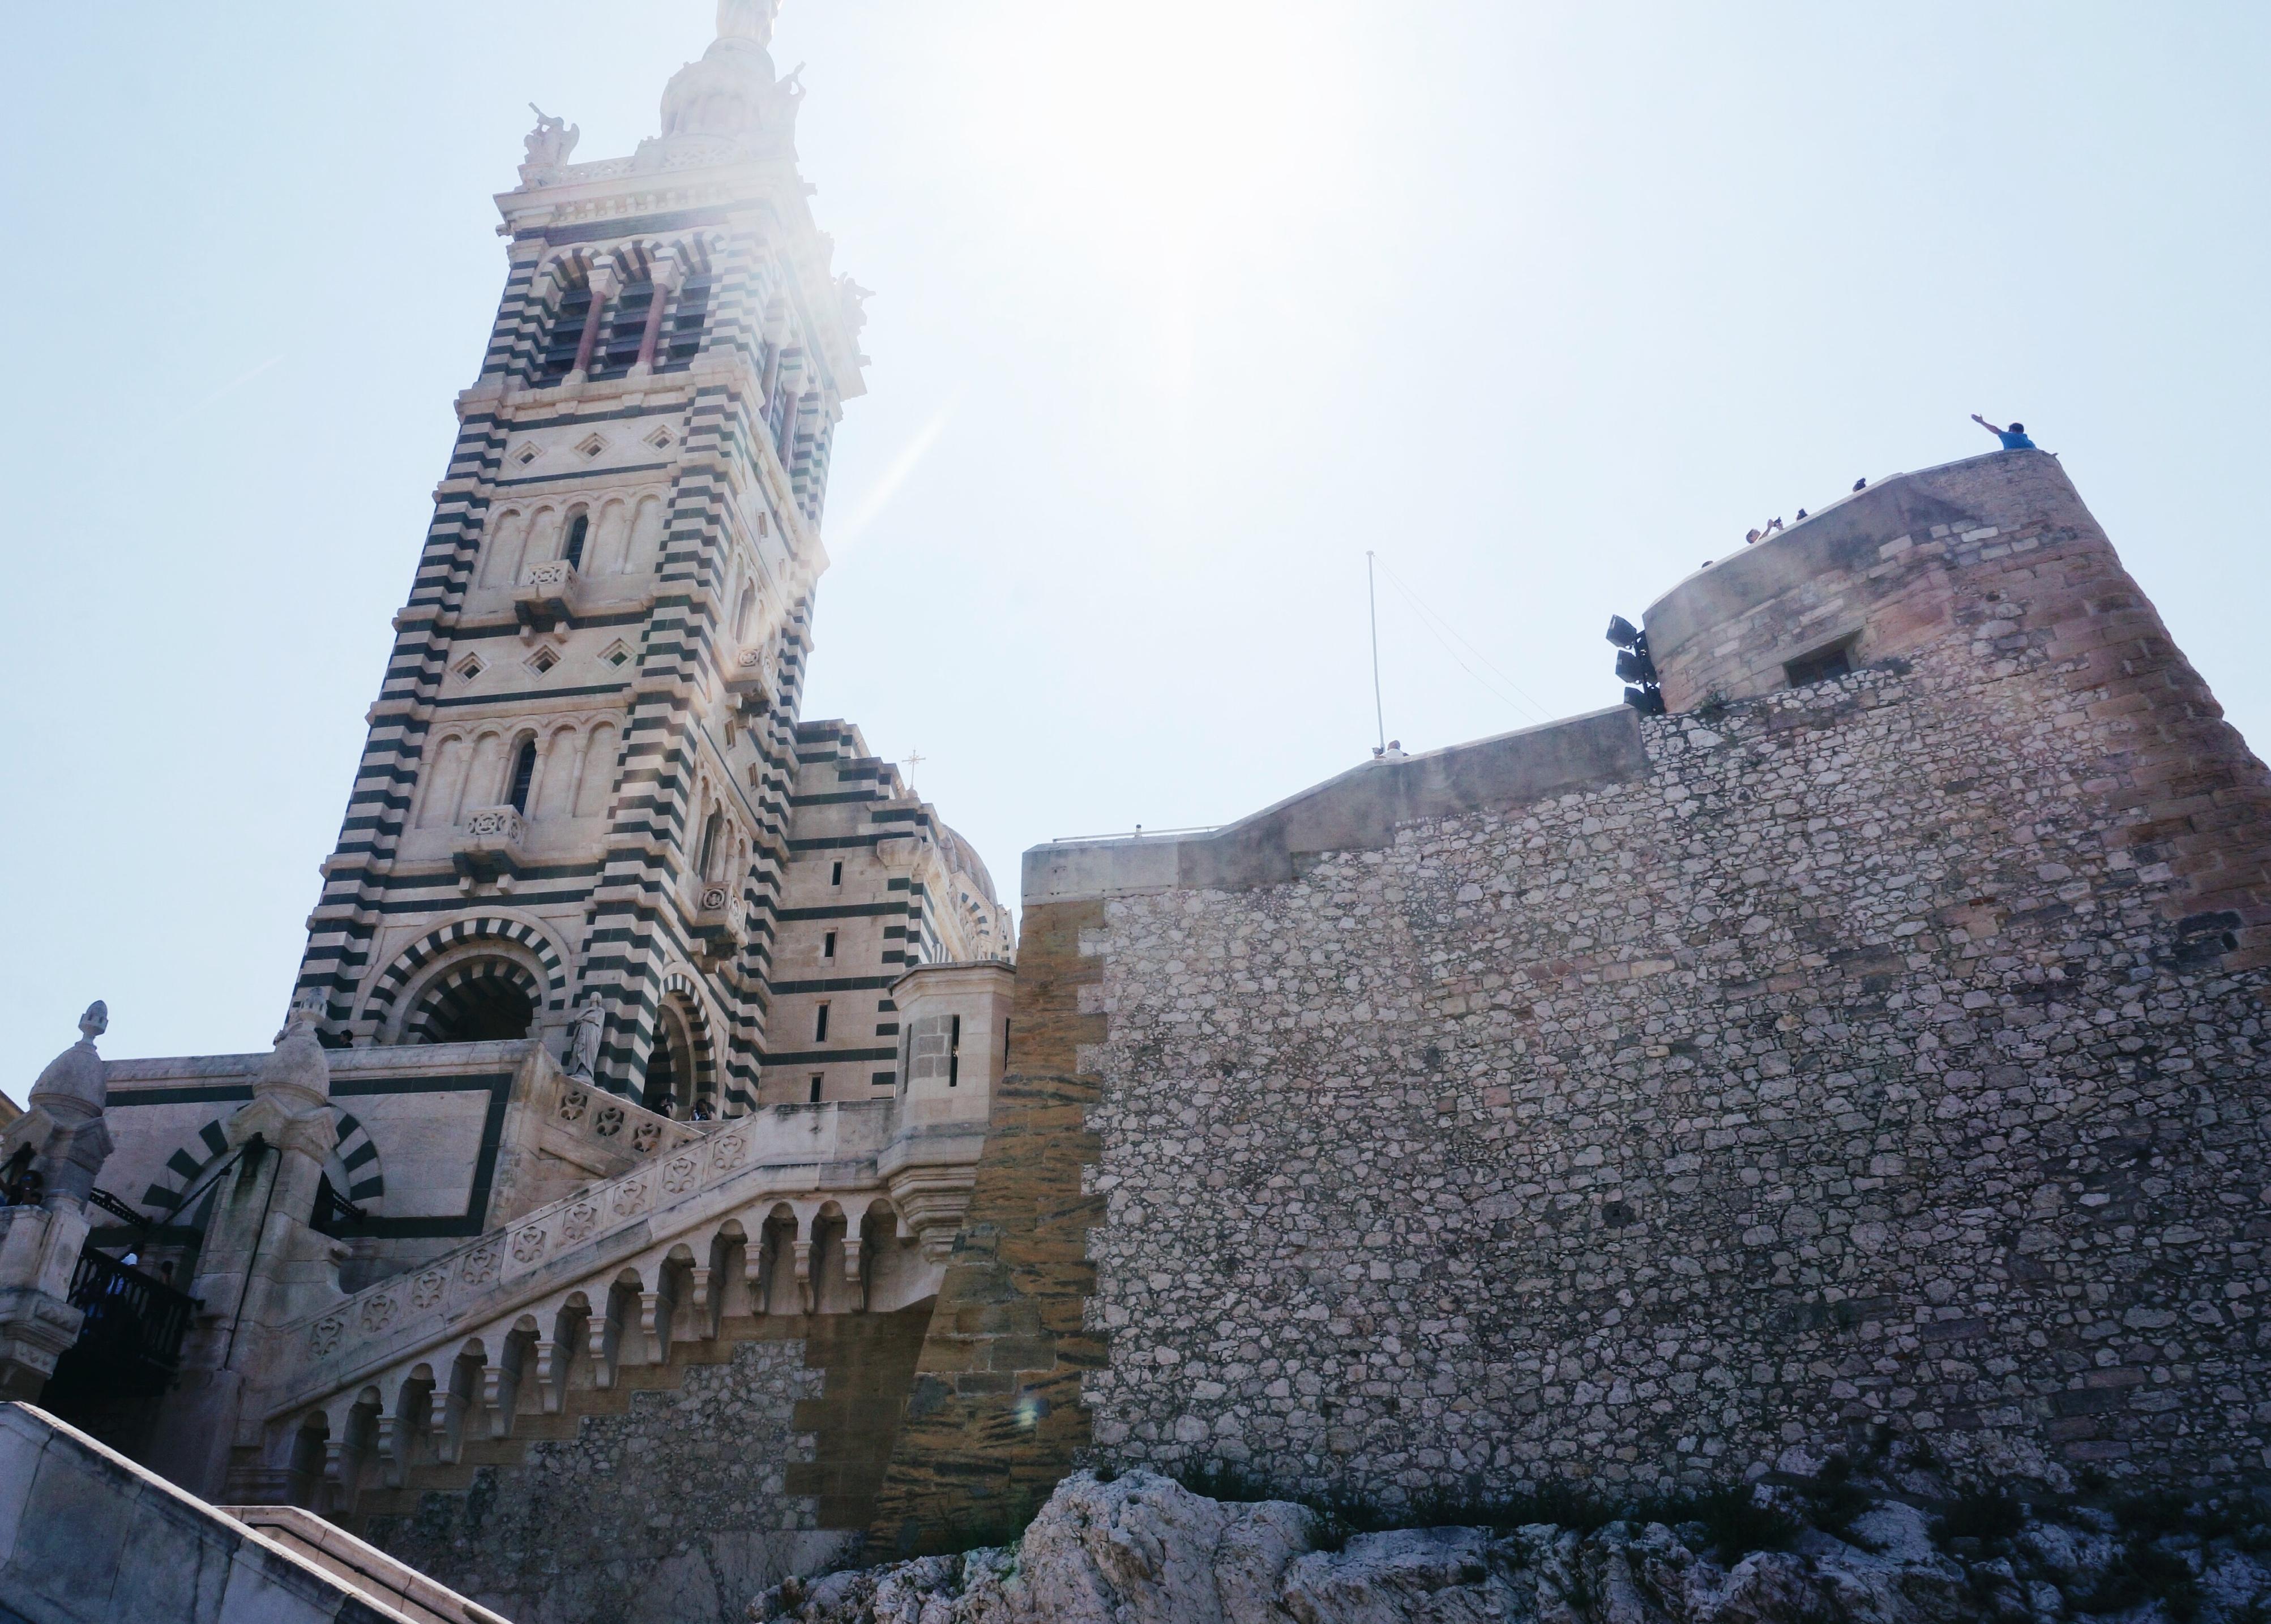 Notre-Dame de la Garde, Hafen, old harbour marseille, Reisen, Sehenswürdigkeiten, Frankreich, Kurztrip, Ausflug, Reisen, view, Aussicht, Aussichtsplattform in Marseille